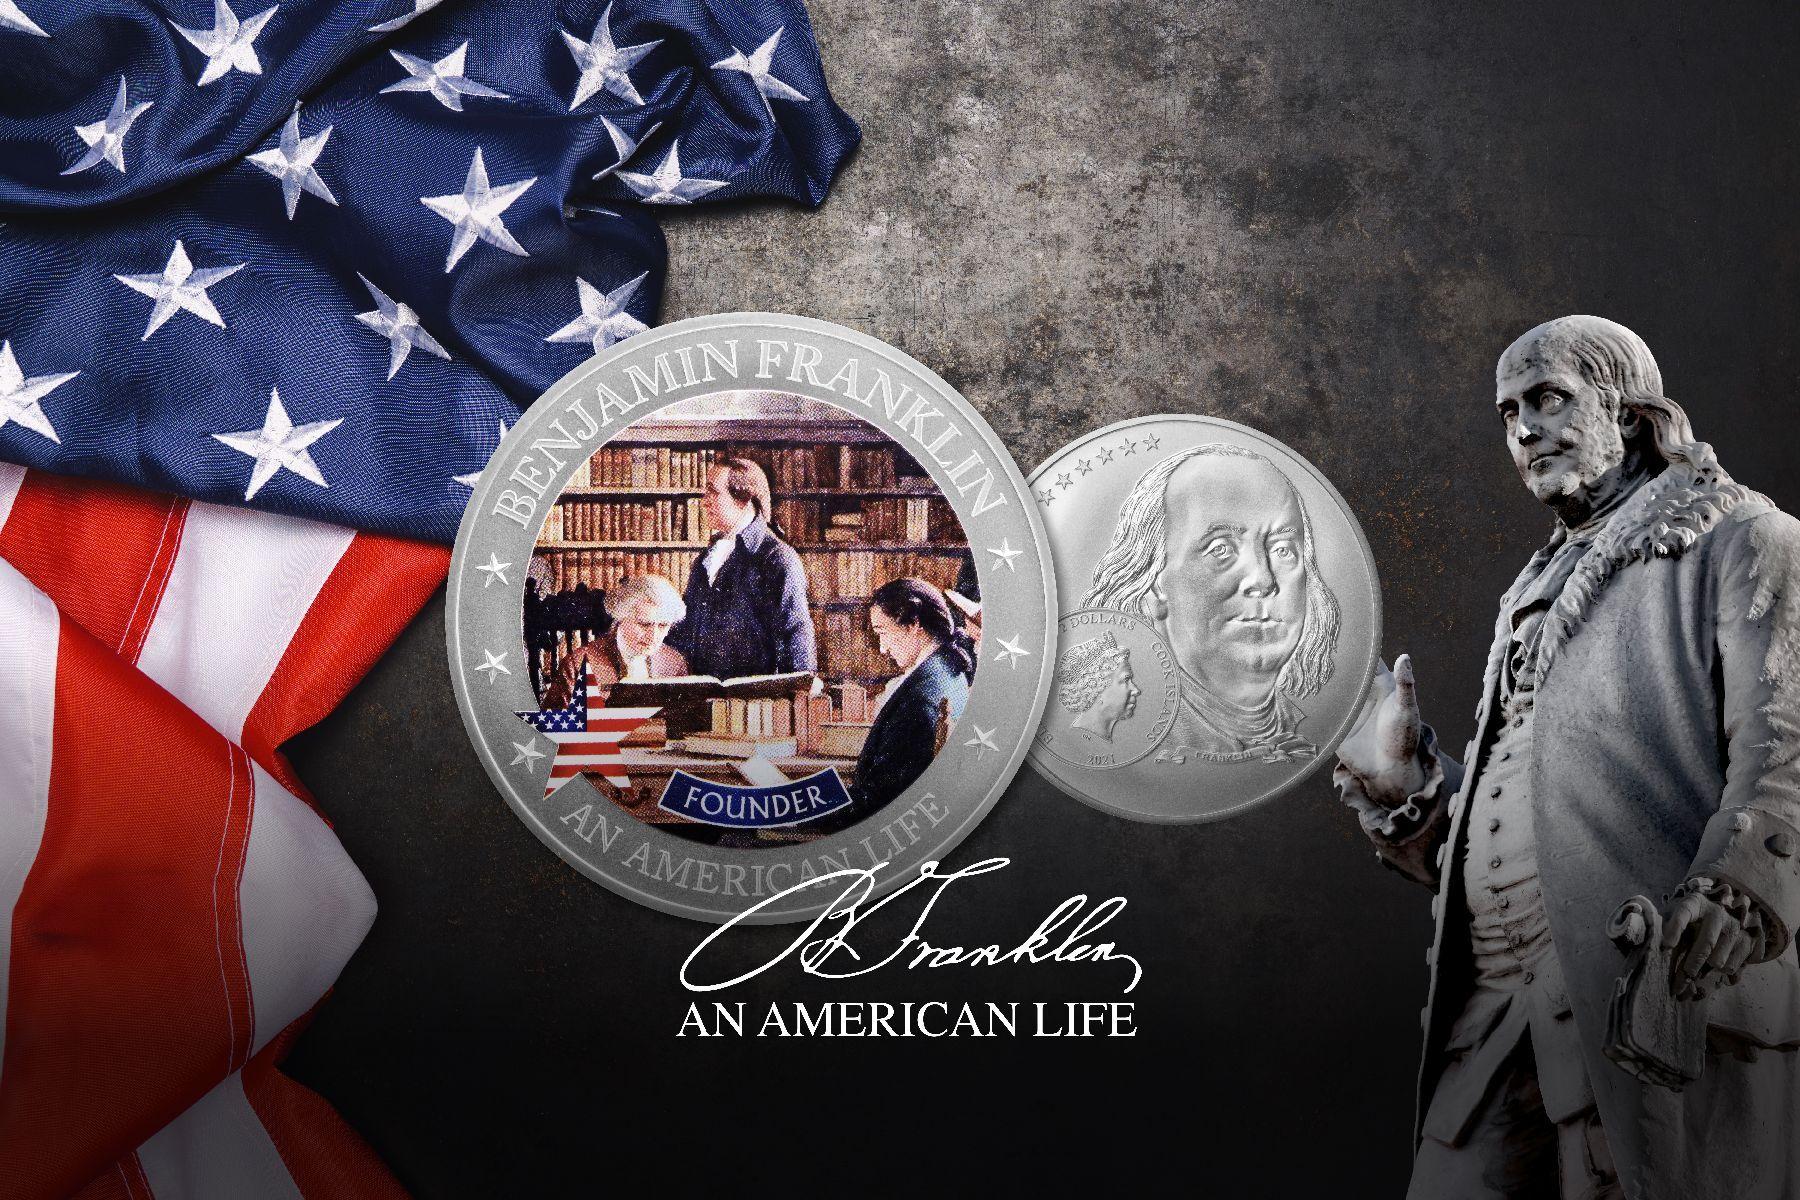 2021 An American Life Benjamin Franklin Founder 1/2 ounce Silver Coin